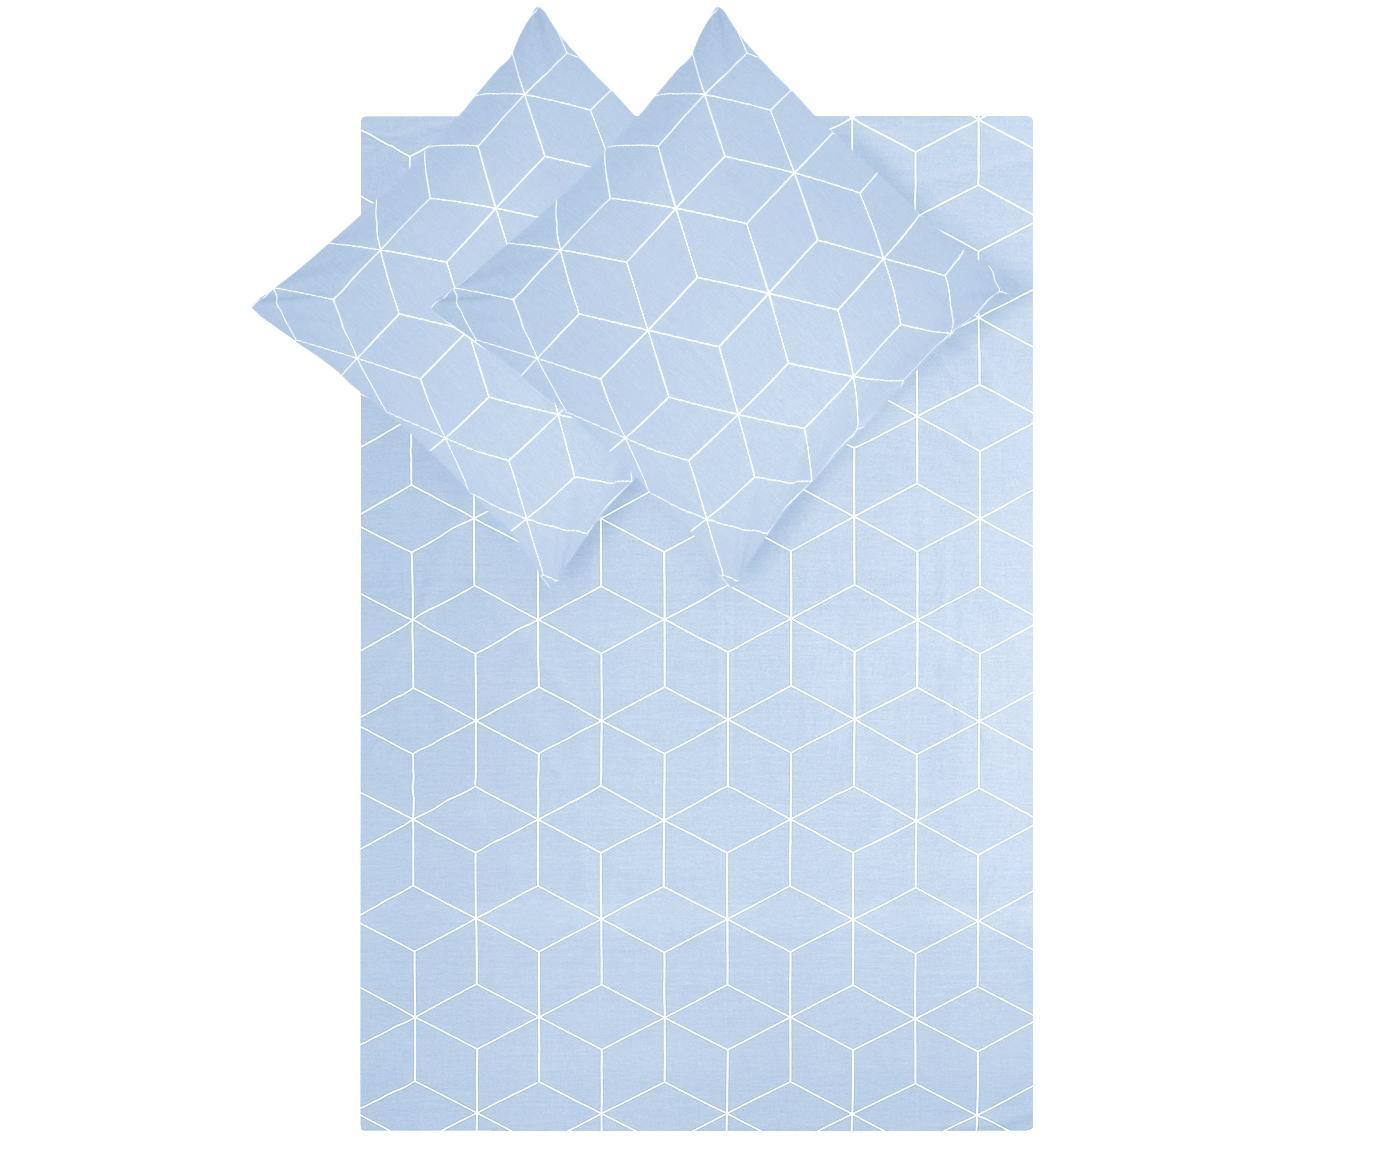 Baumwoll-Bettwäsche Lynn mit grafischem Muster, Webart: Renforcé Fadendichte 144 , Hellblau, Cremeweiß, 240 x 220 cm + 2 Kissen 80 x 80 cm